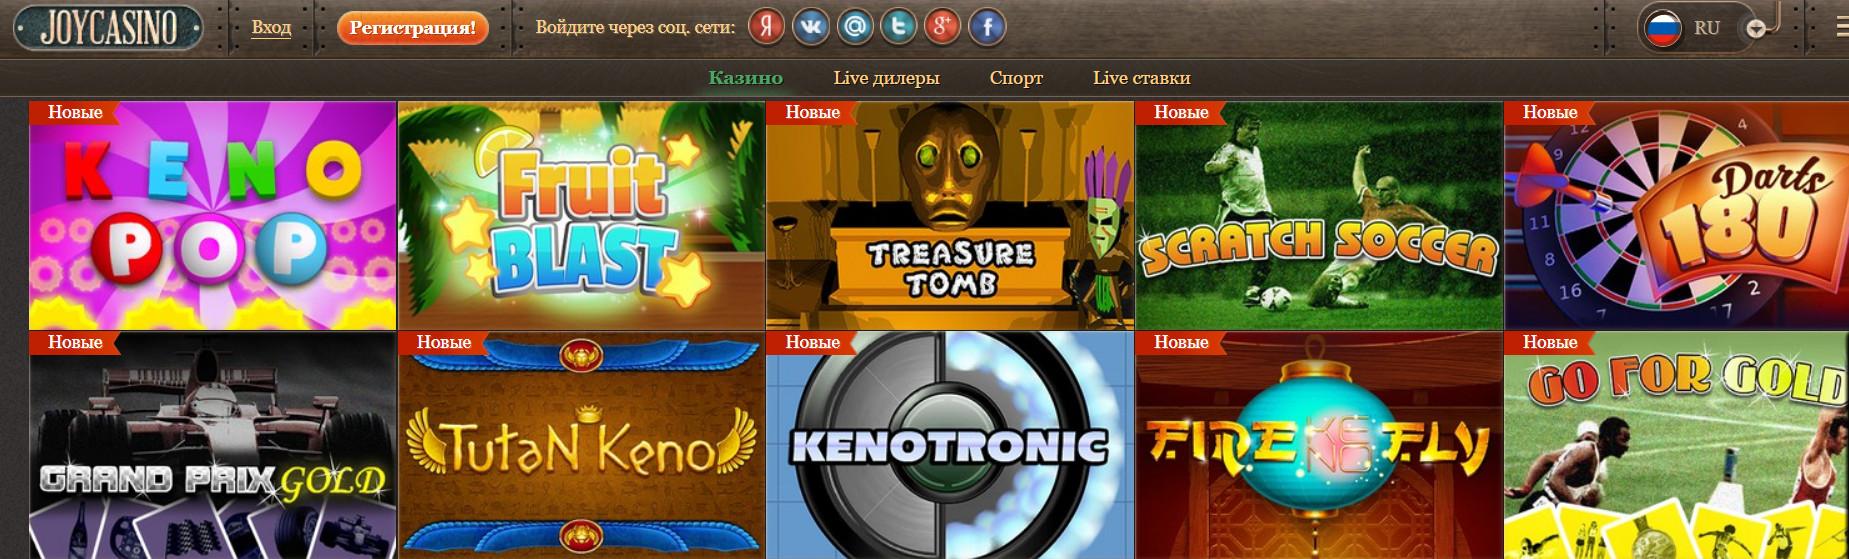 Гугл игровые автоматы